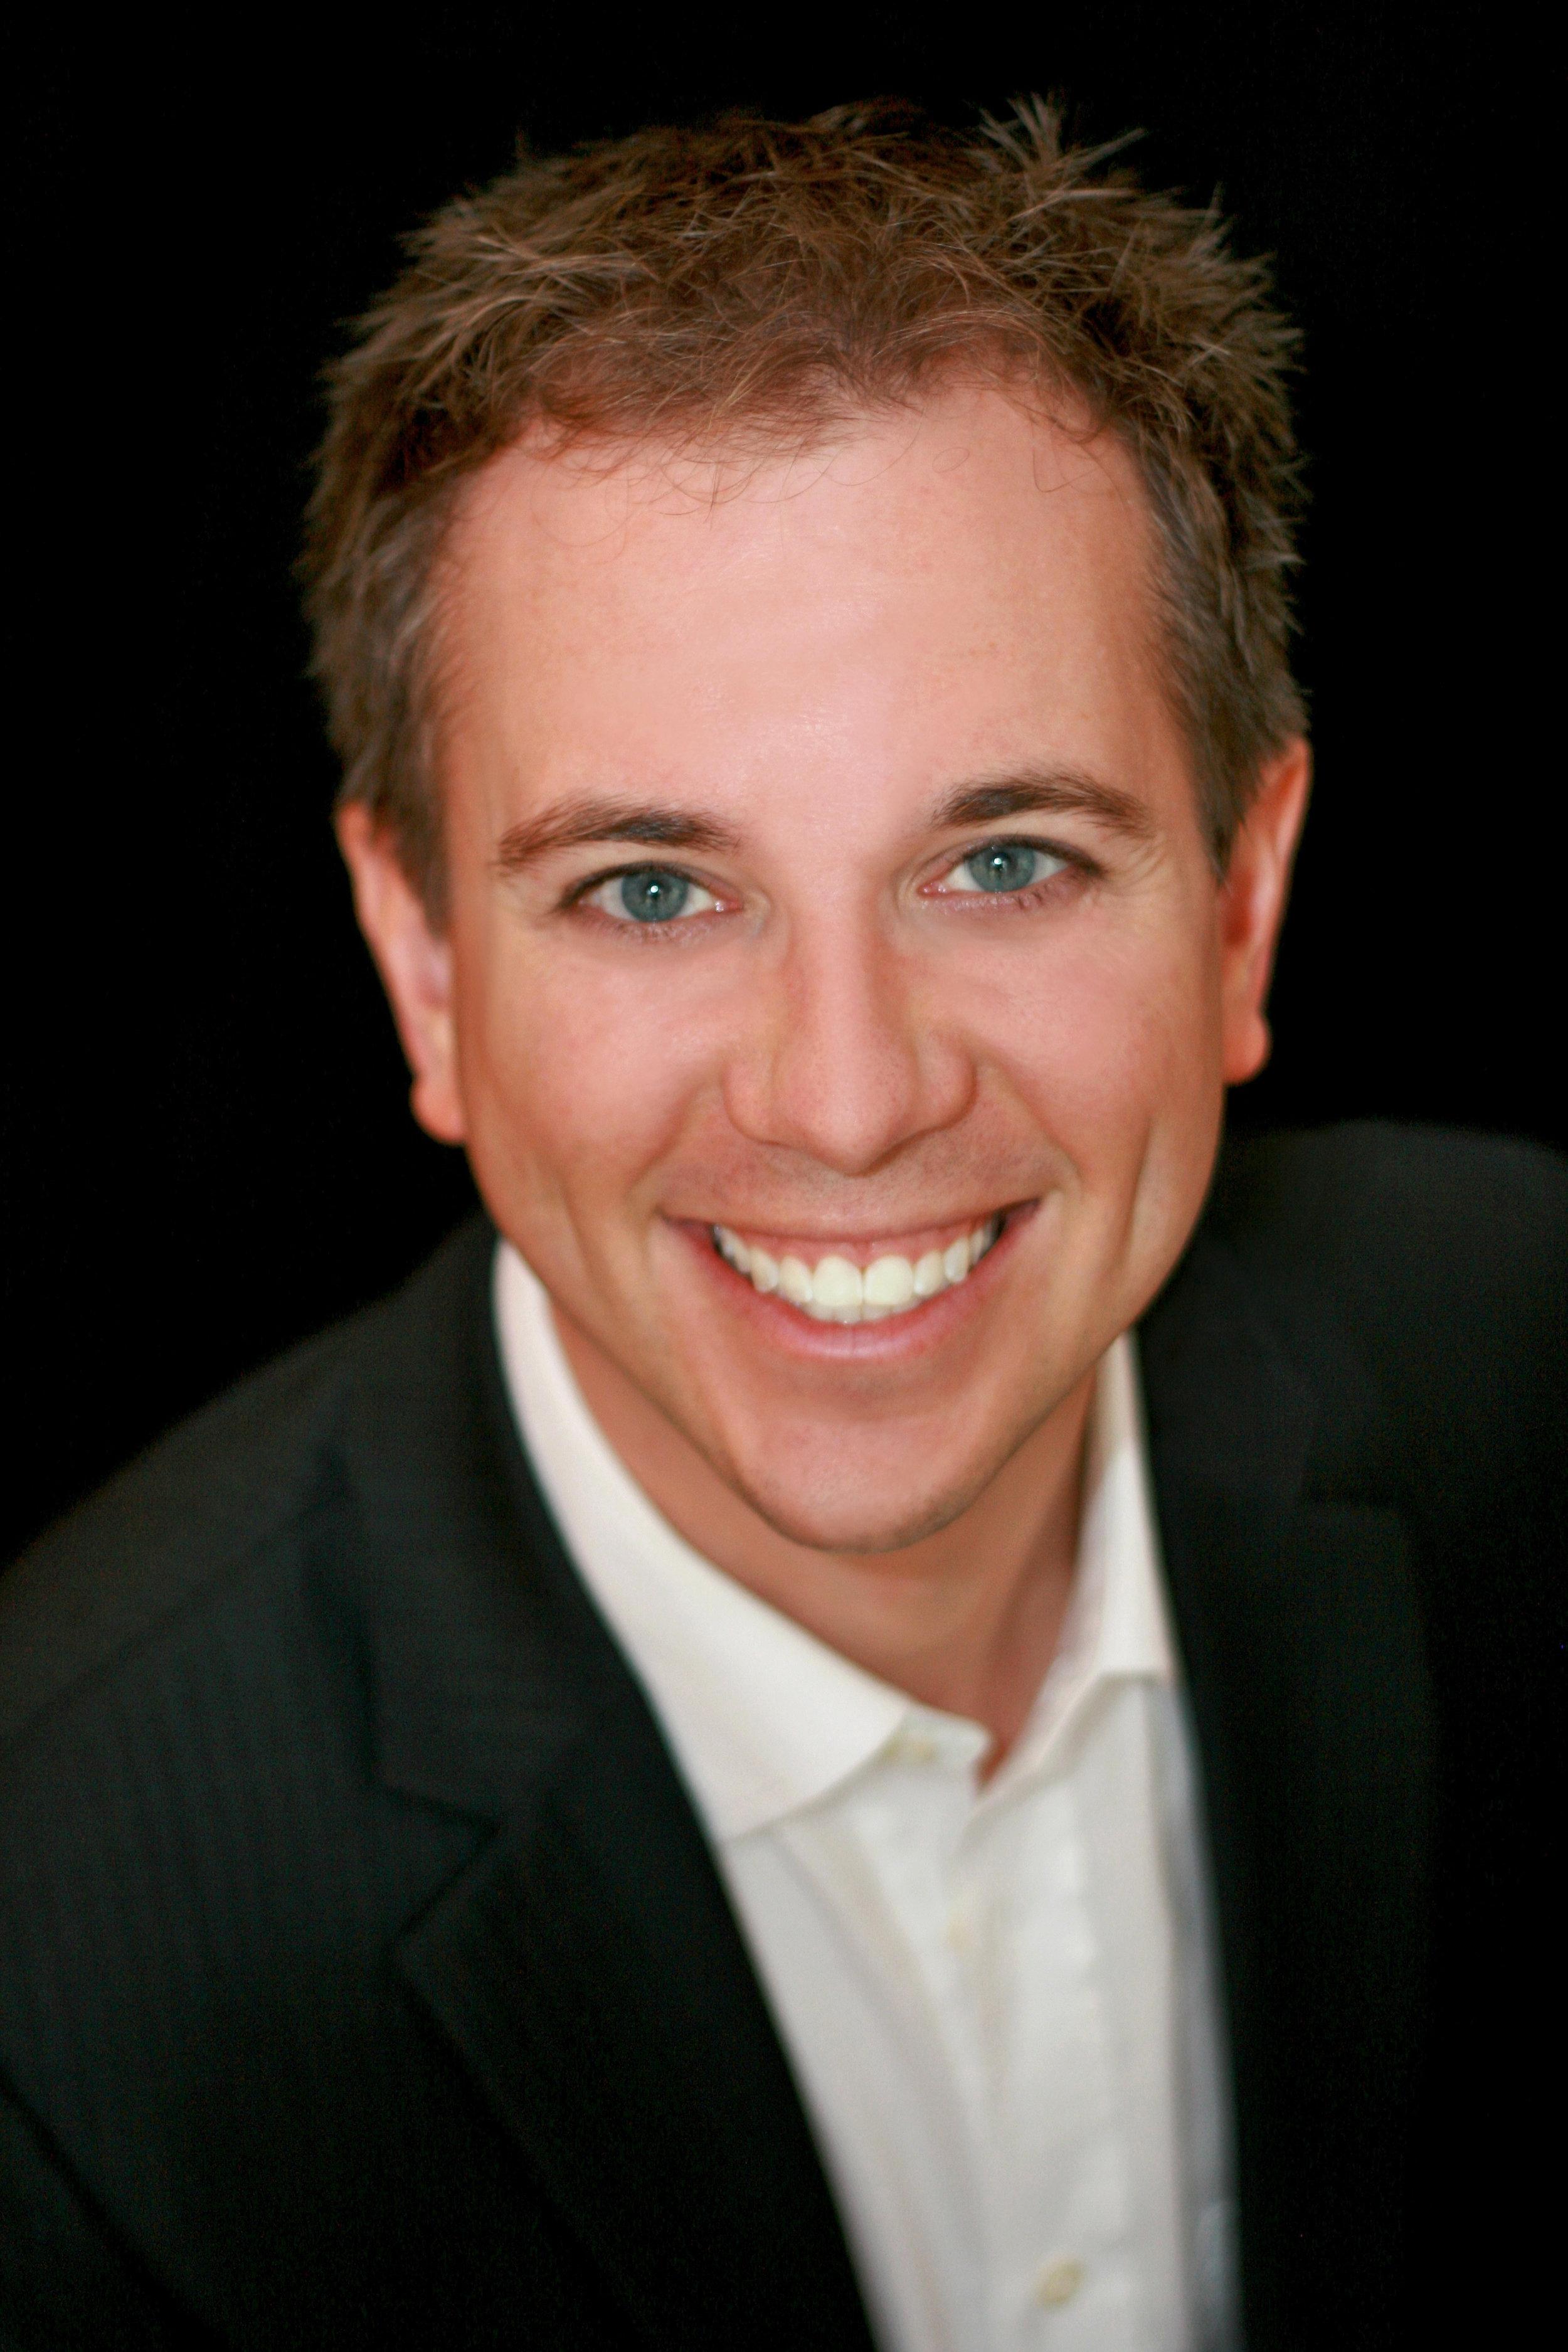 MichaelHanawalt